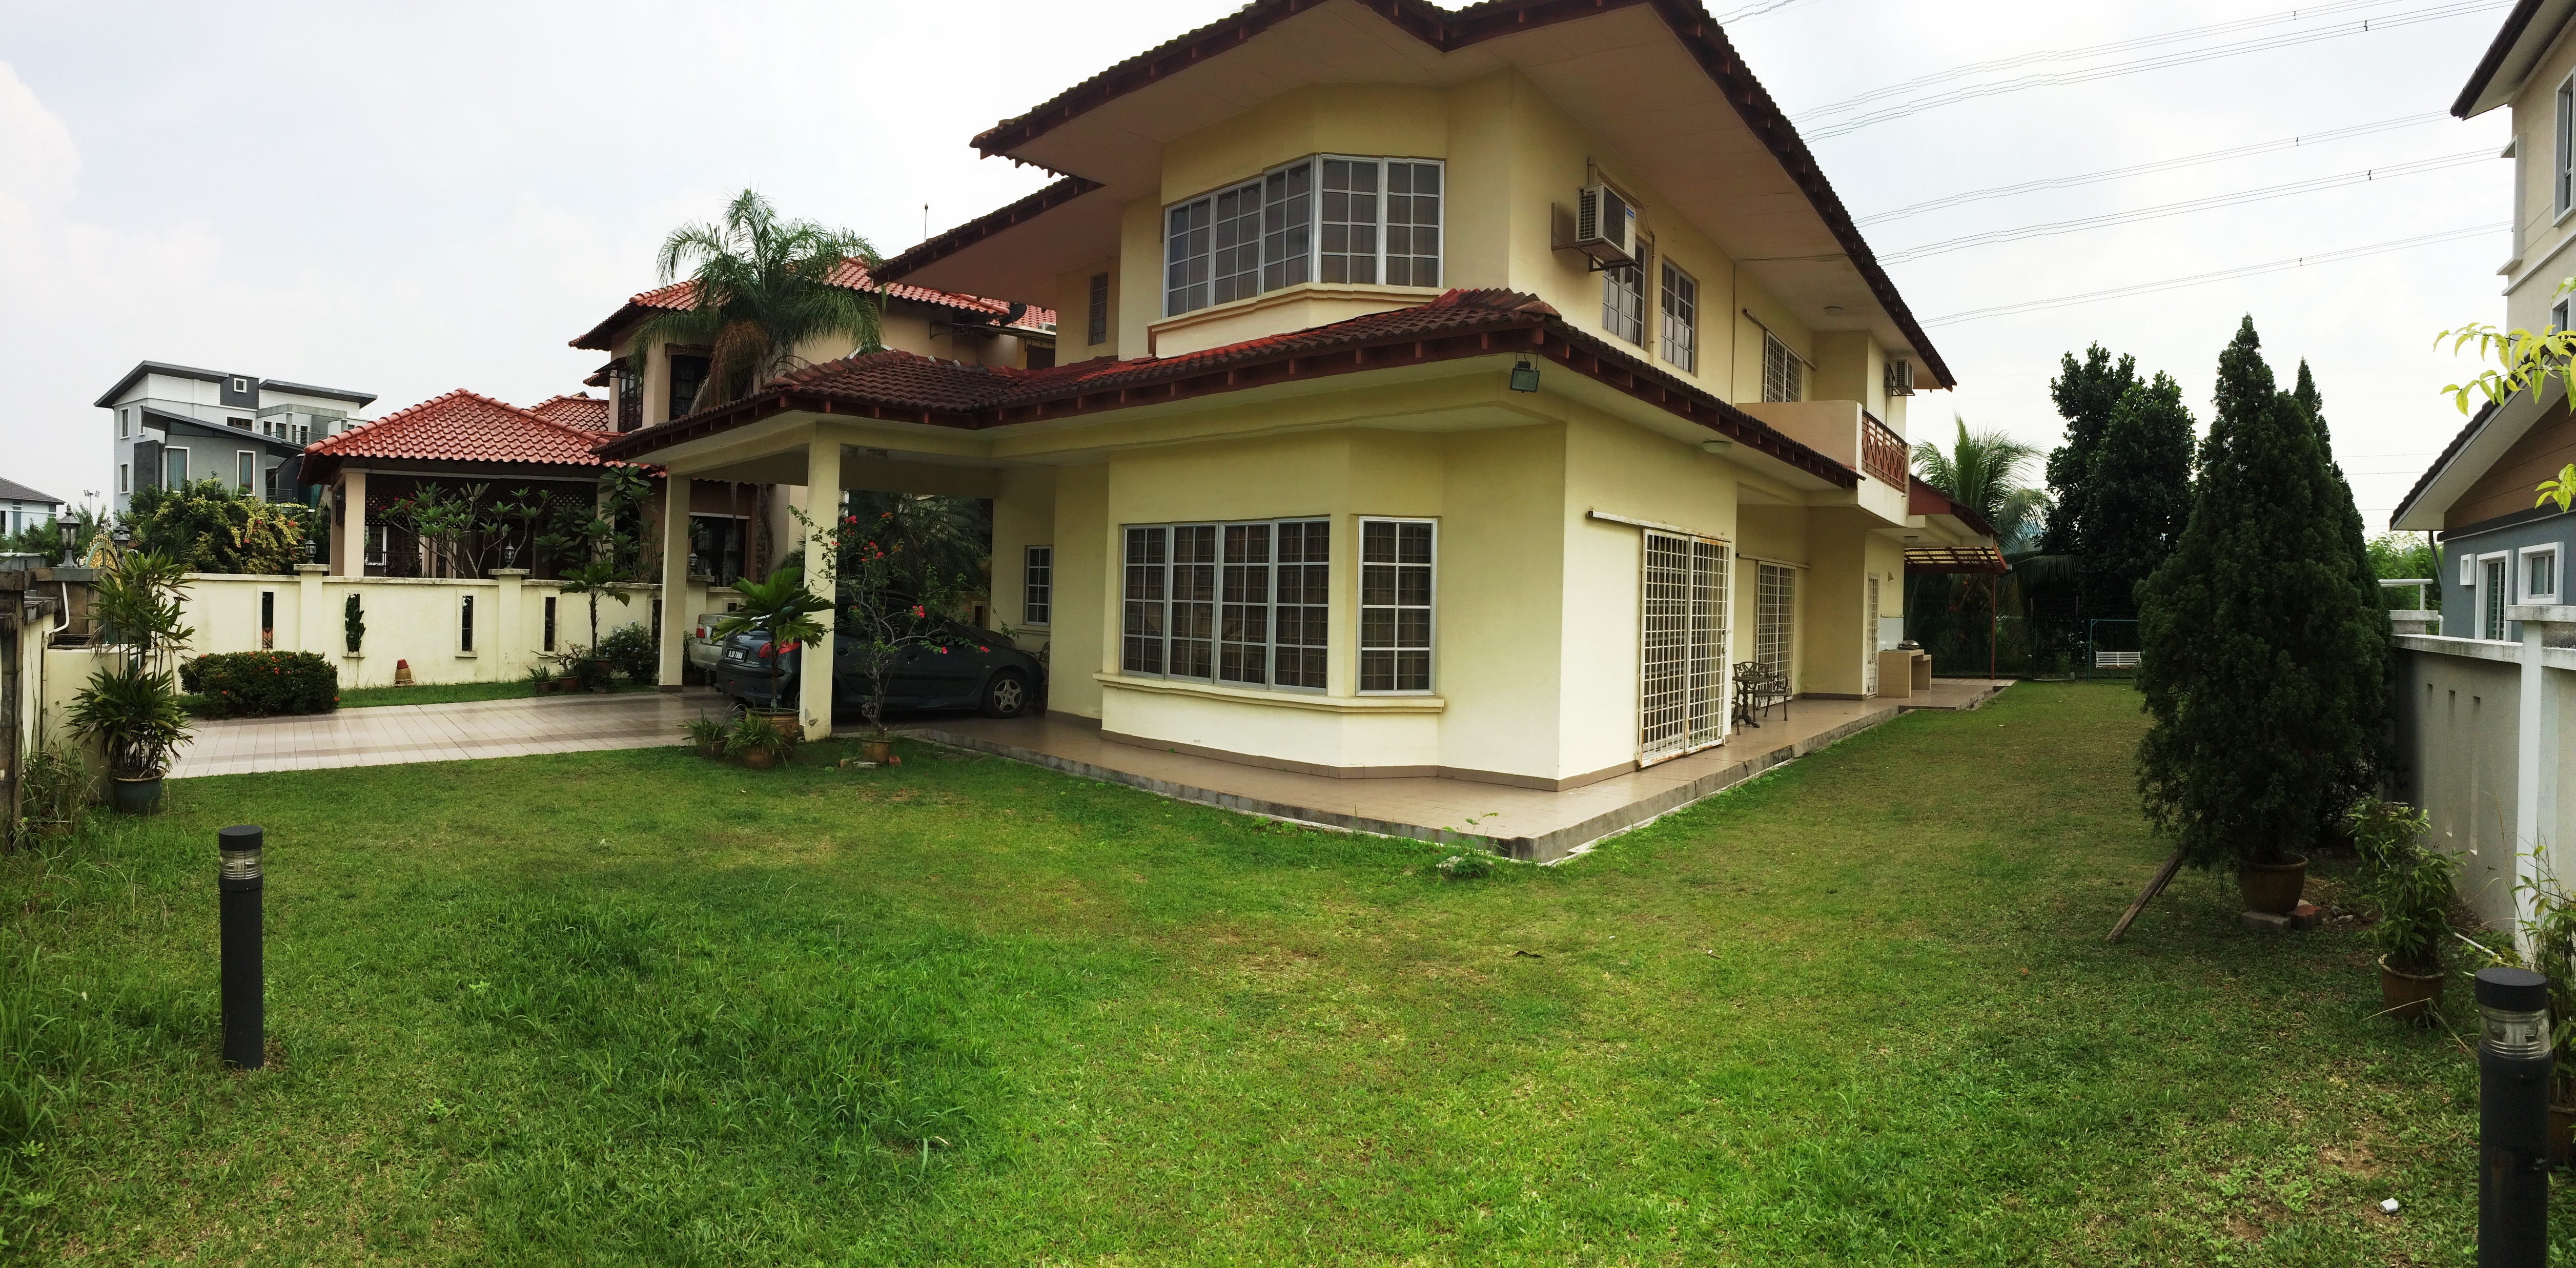 Rumah 2sty Banglo Untuk Dijual Seksyen 8 Shah Alam House For Sale Ejen Hartanah Berdaftar Rumah Untuk Dijual Di Bangi Serdang Seri Kembangan Kinrara Puchong Cyberjaya Putrajaya Salak Tinggi